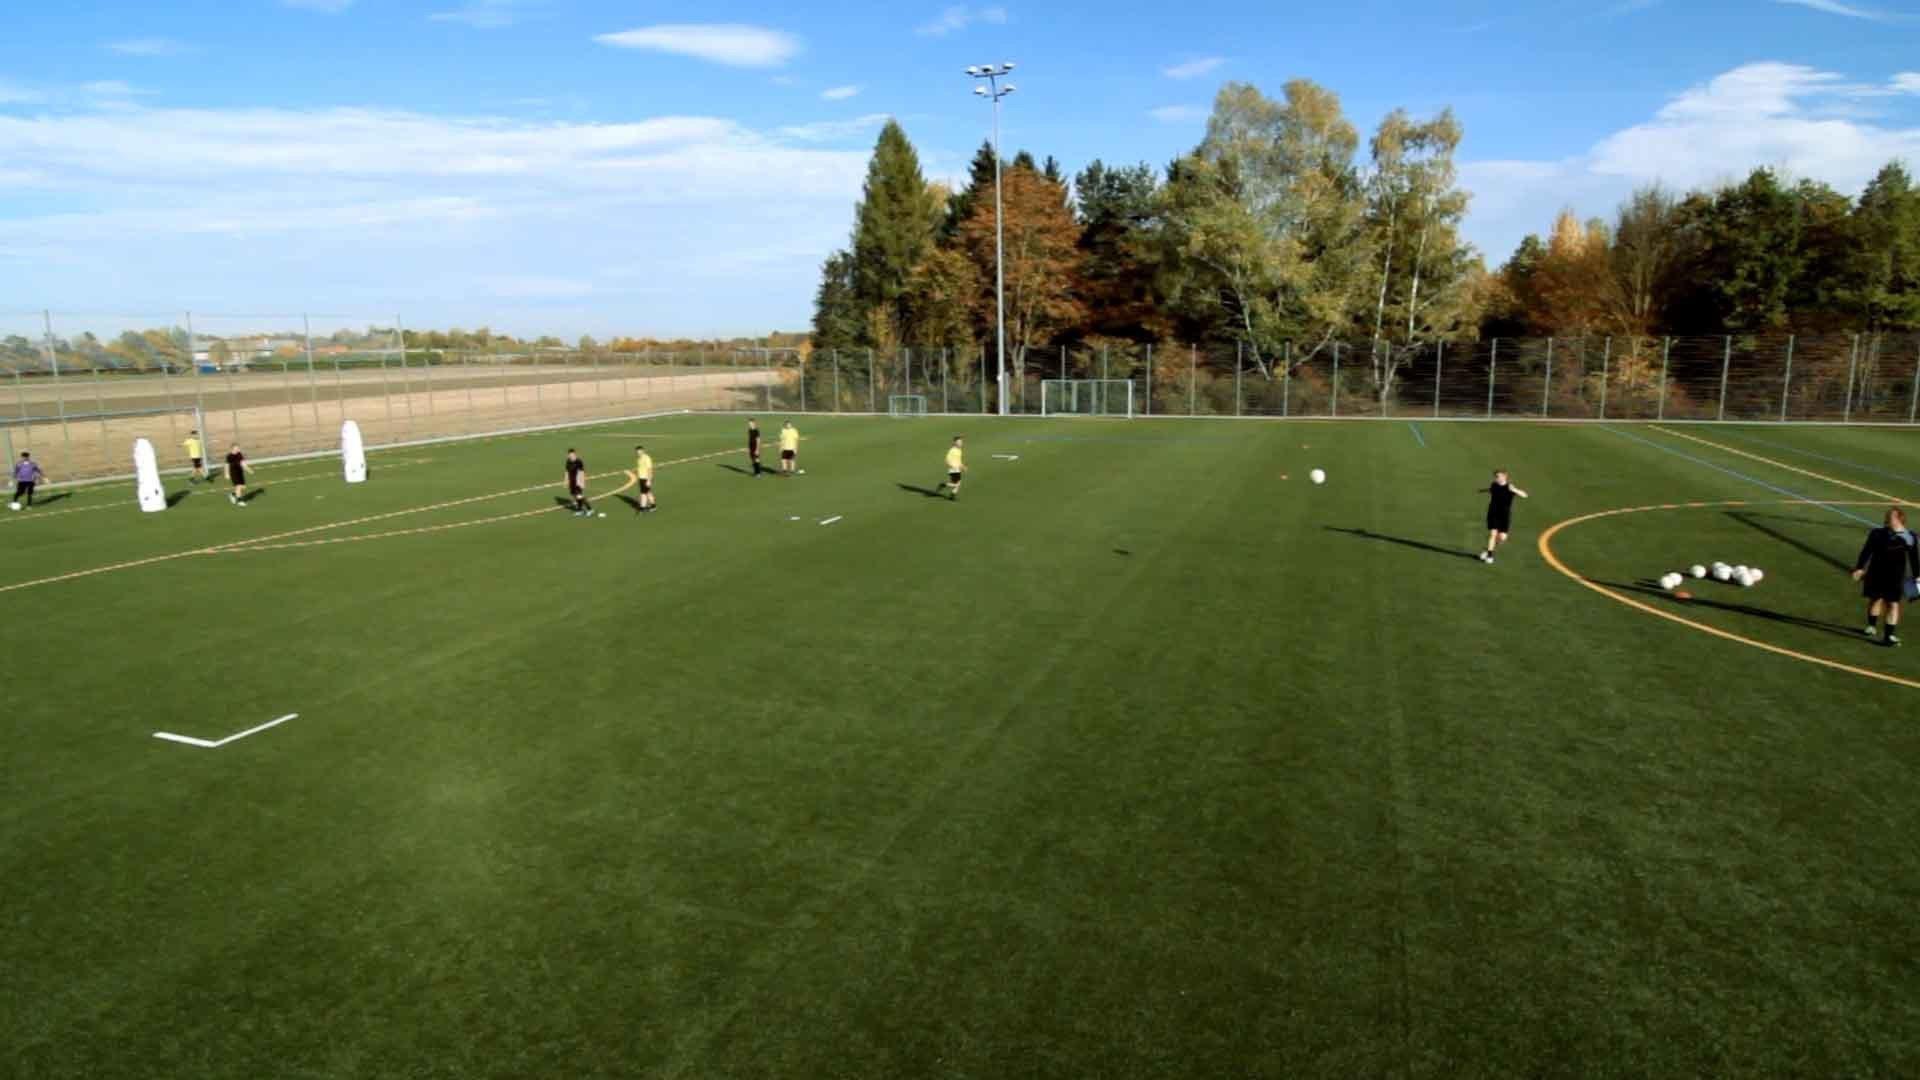 Fußballübung | Spielgestaltung und Taktik: Hoch über Außen